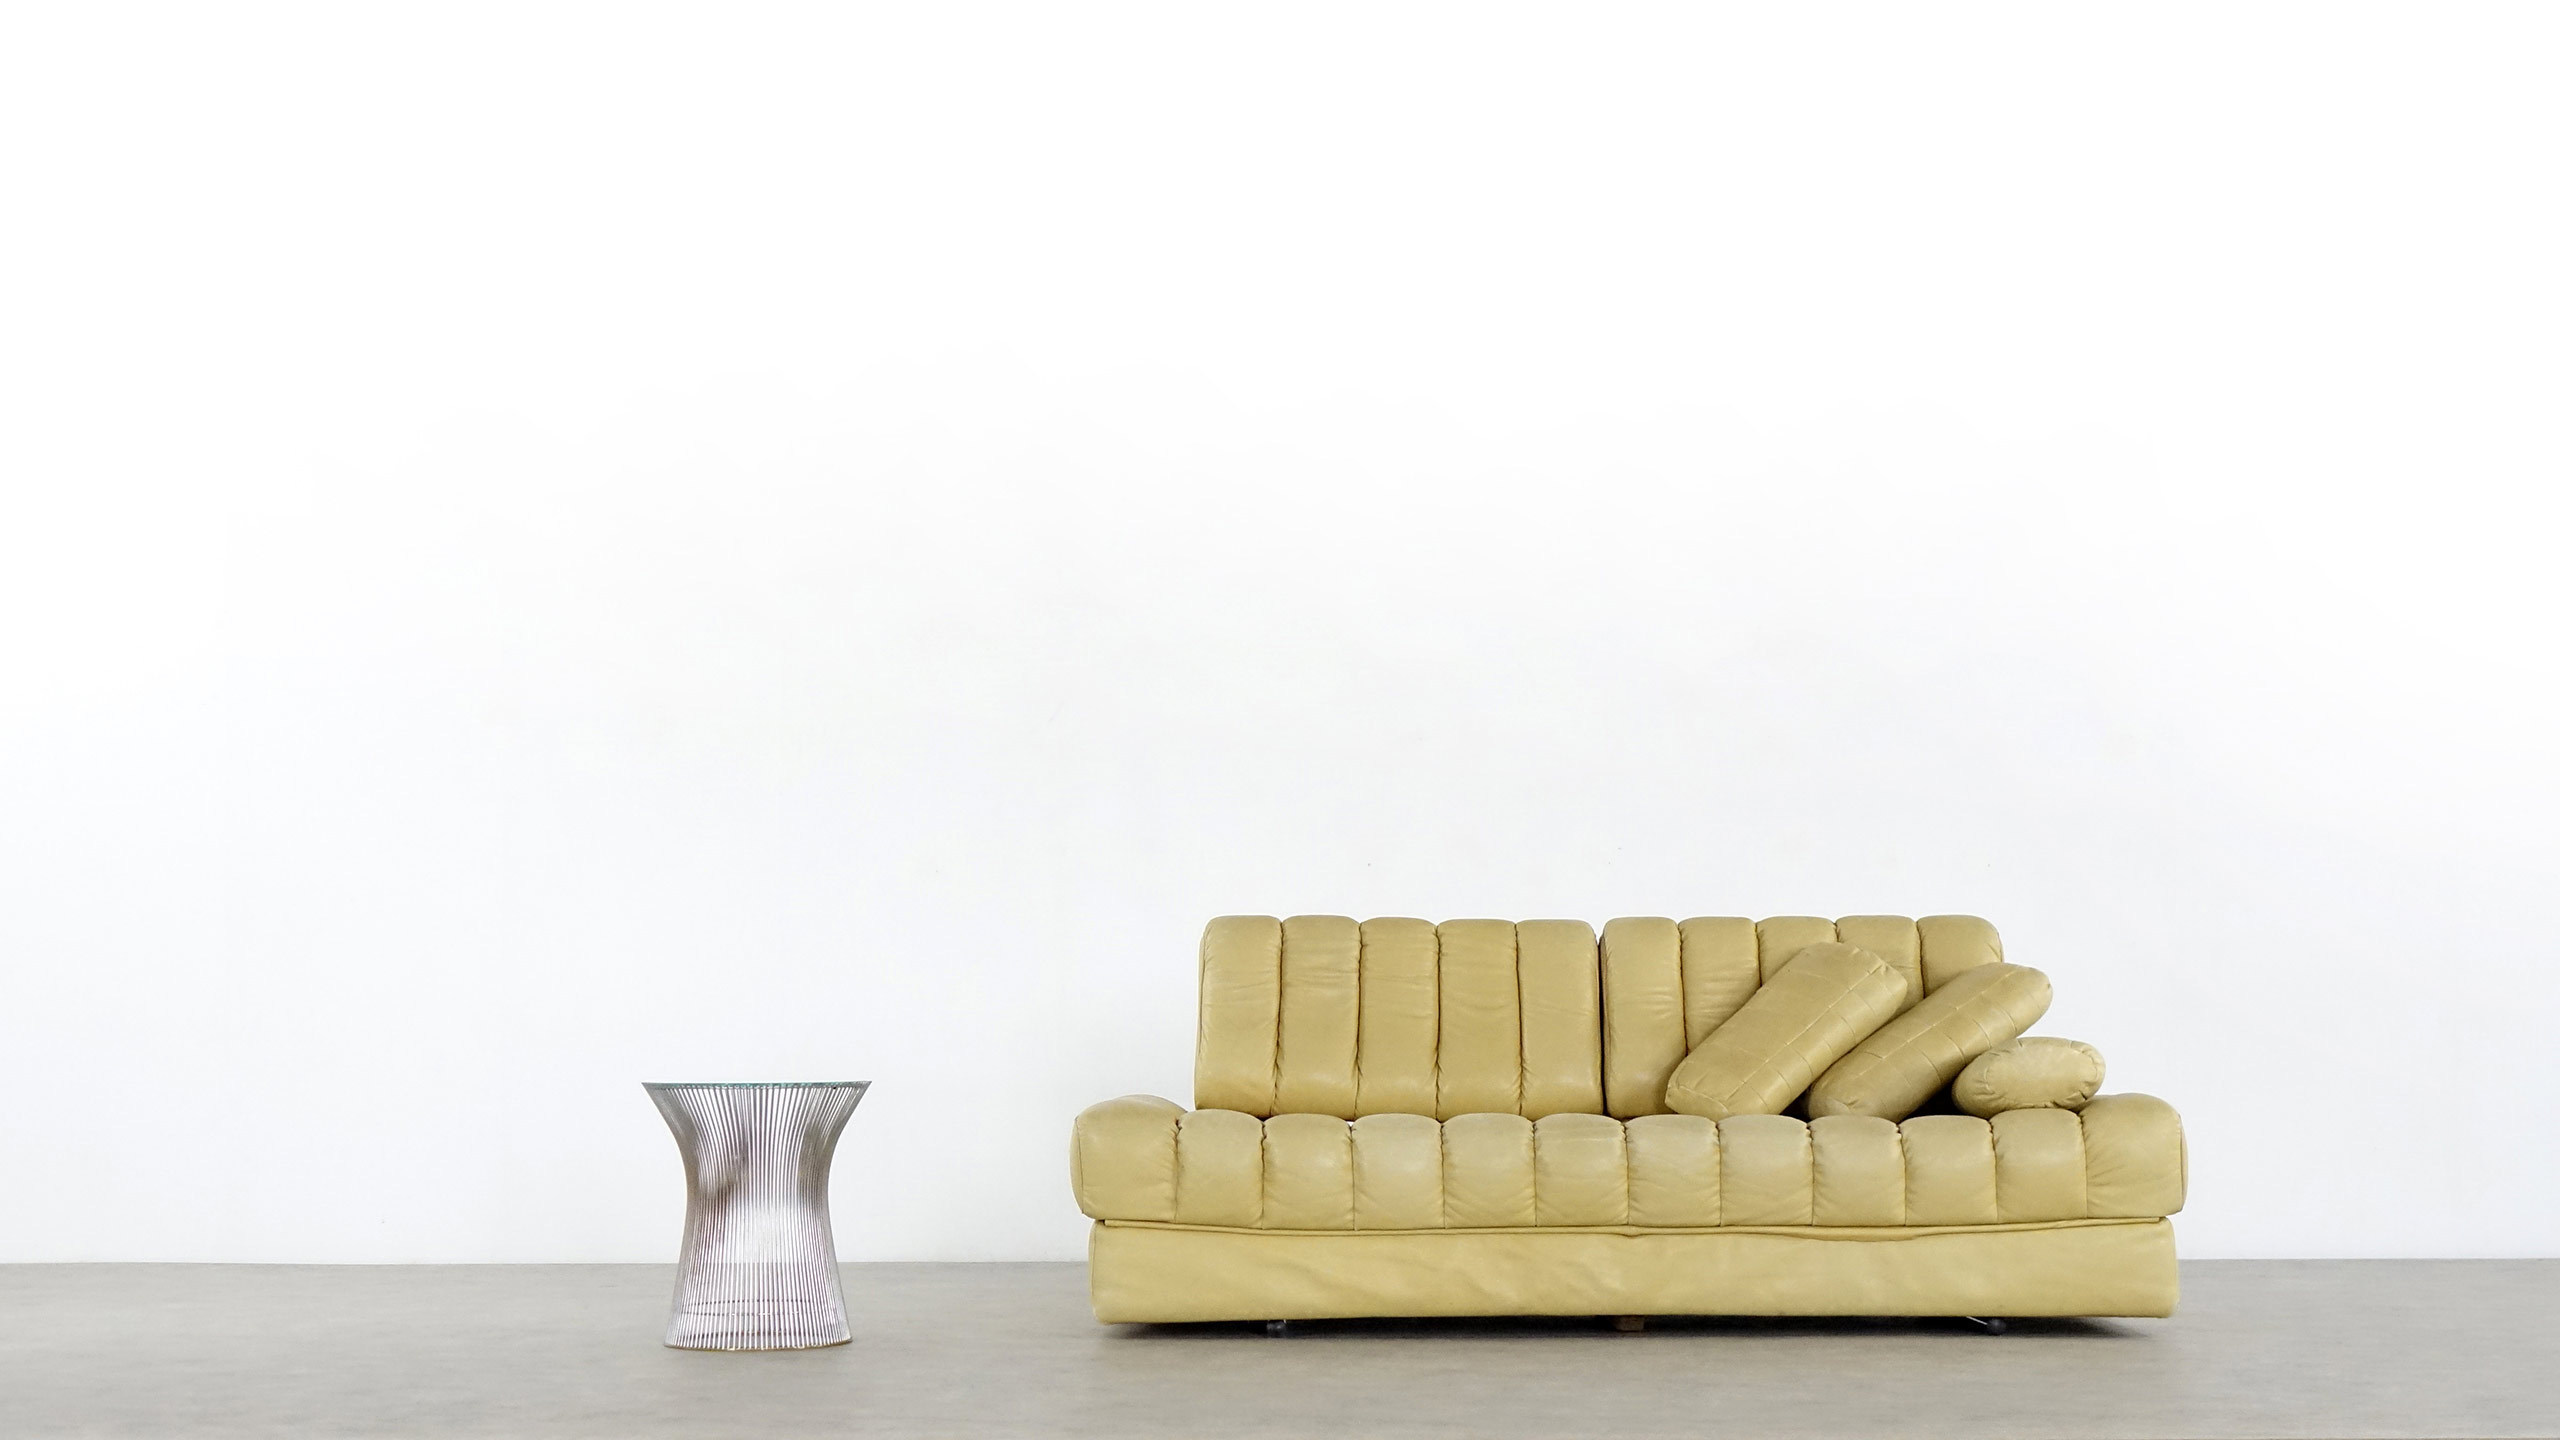 de sede ds 85 daybed 1965 leather light caramel zorrobot. Black Bedroom Furniture Sets. Home Design Ideas